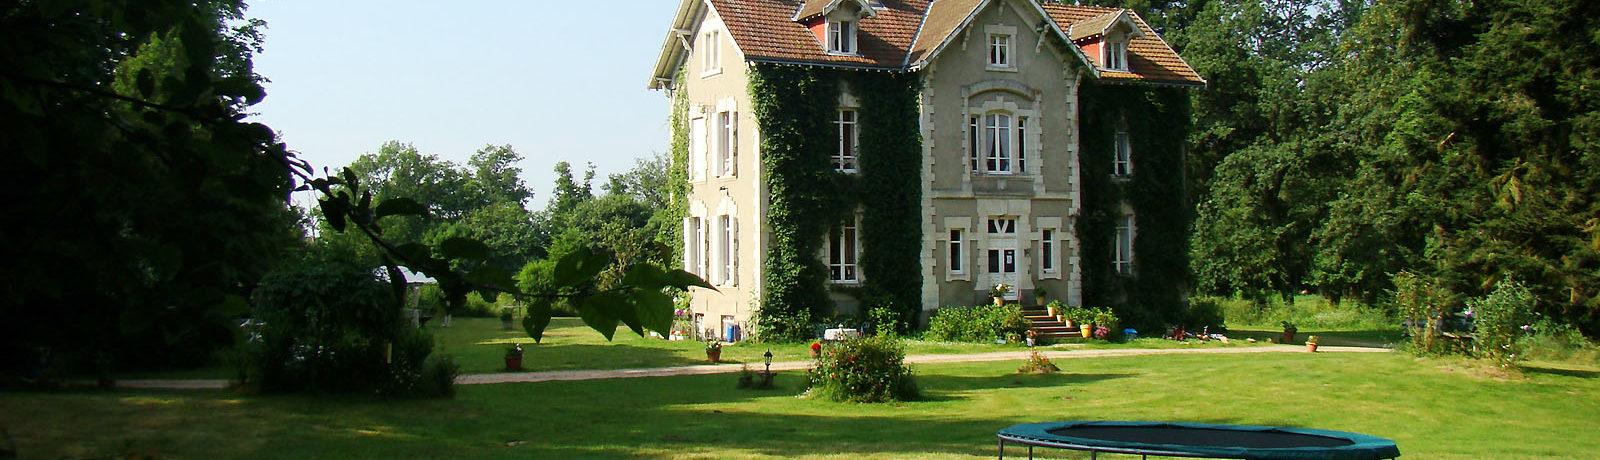 Welkom op het kleinschalige domein van Château de la Perche, een nostalgisch landgoed uit 1870. Kamperen in het groene hart van Midden Frankrijk!